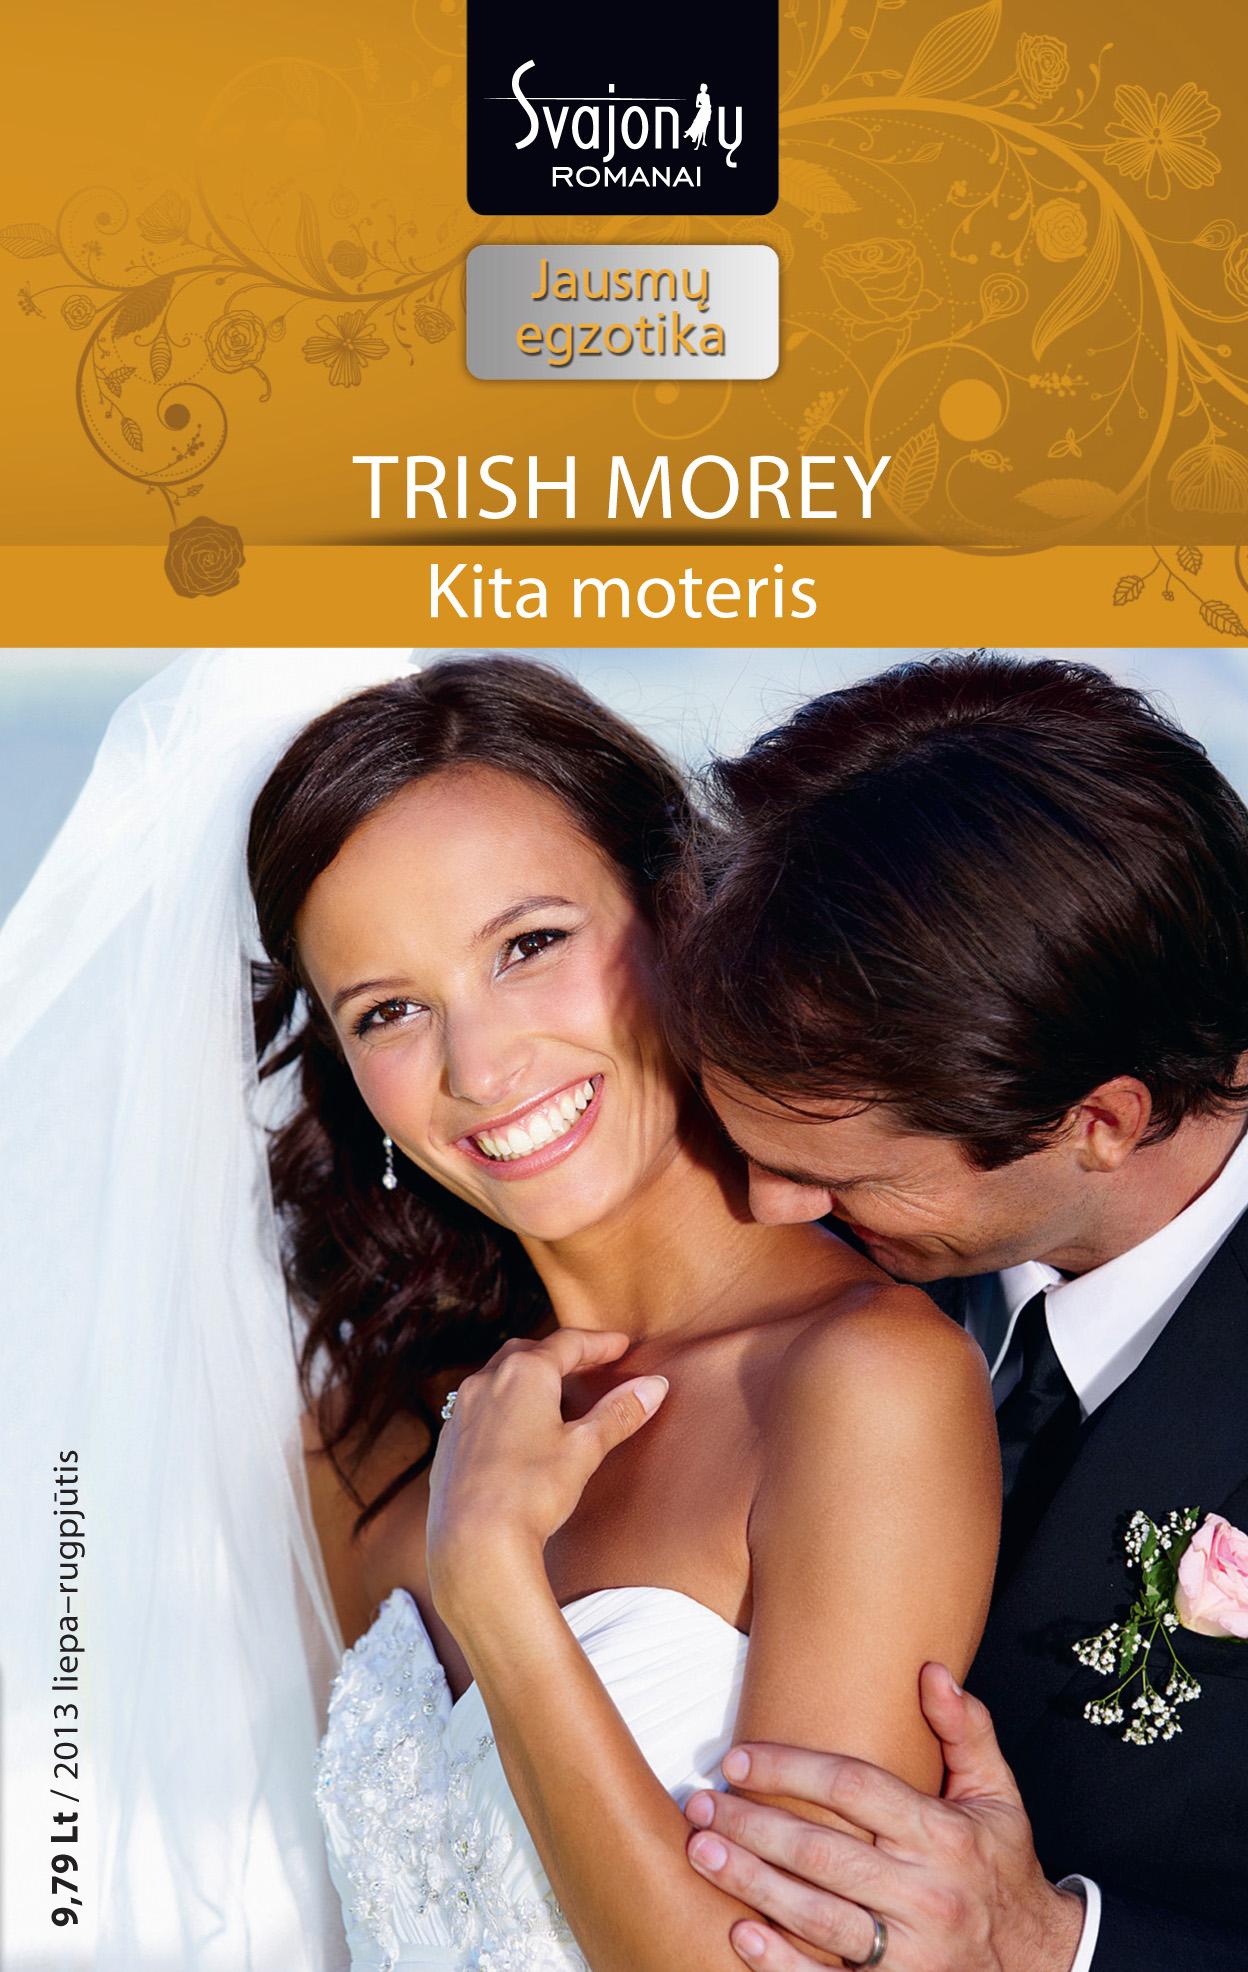 Trish Morey Kita moteris